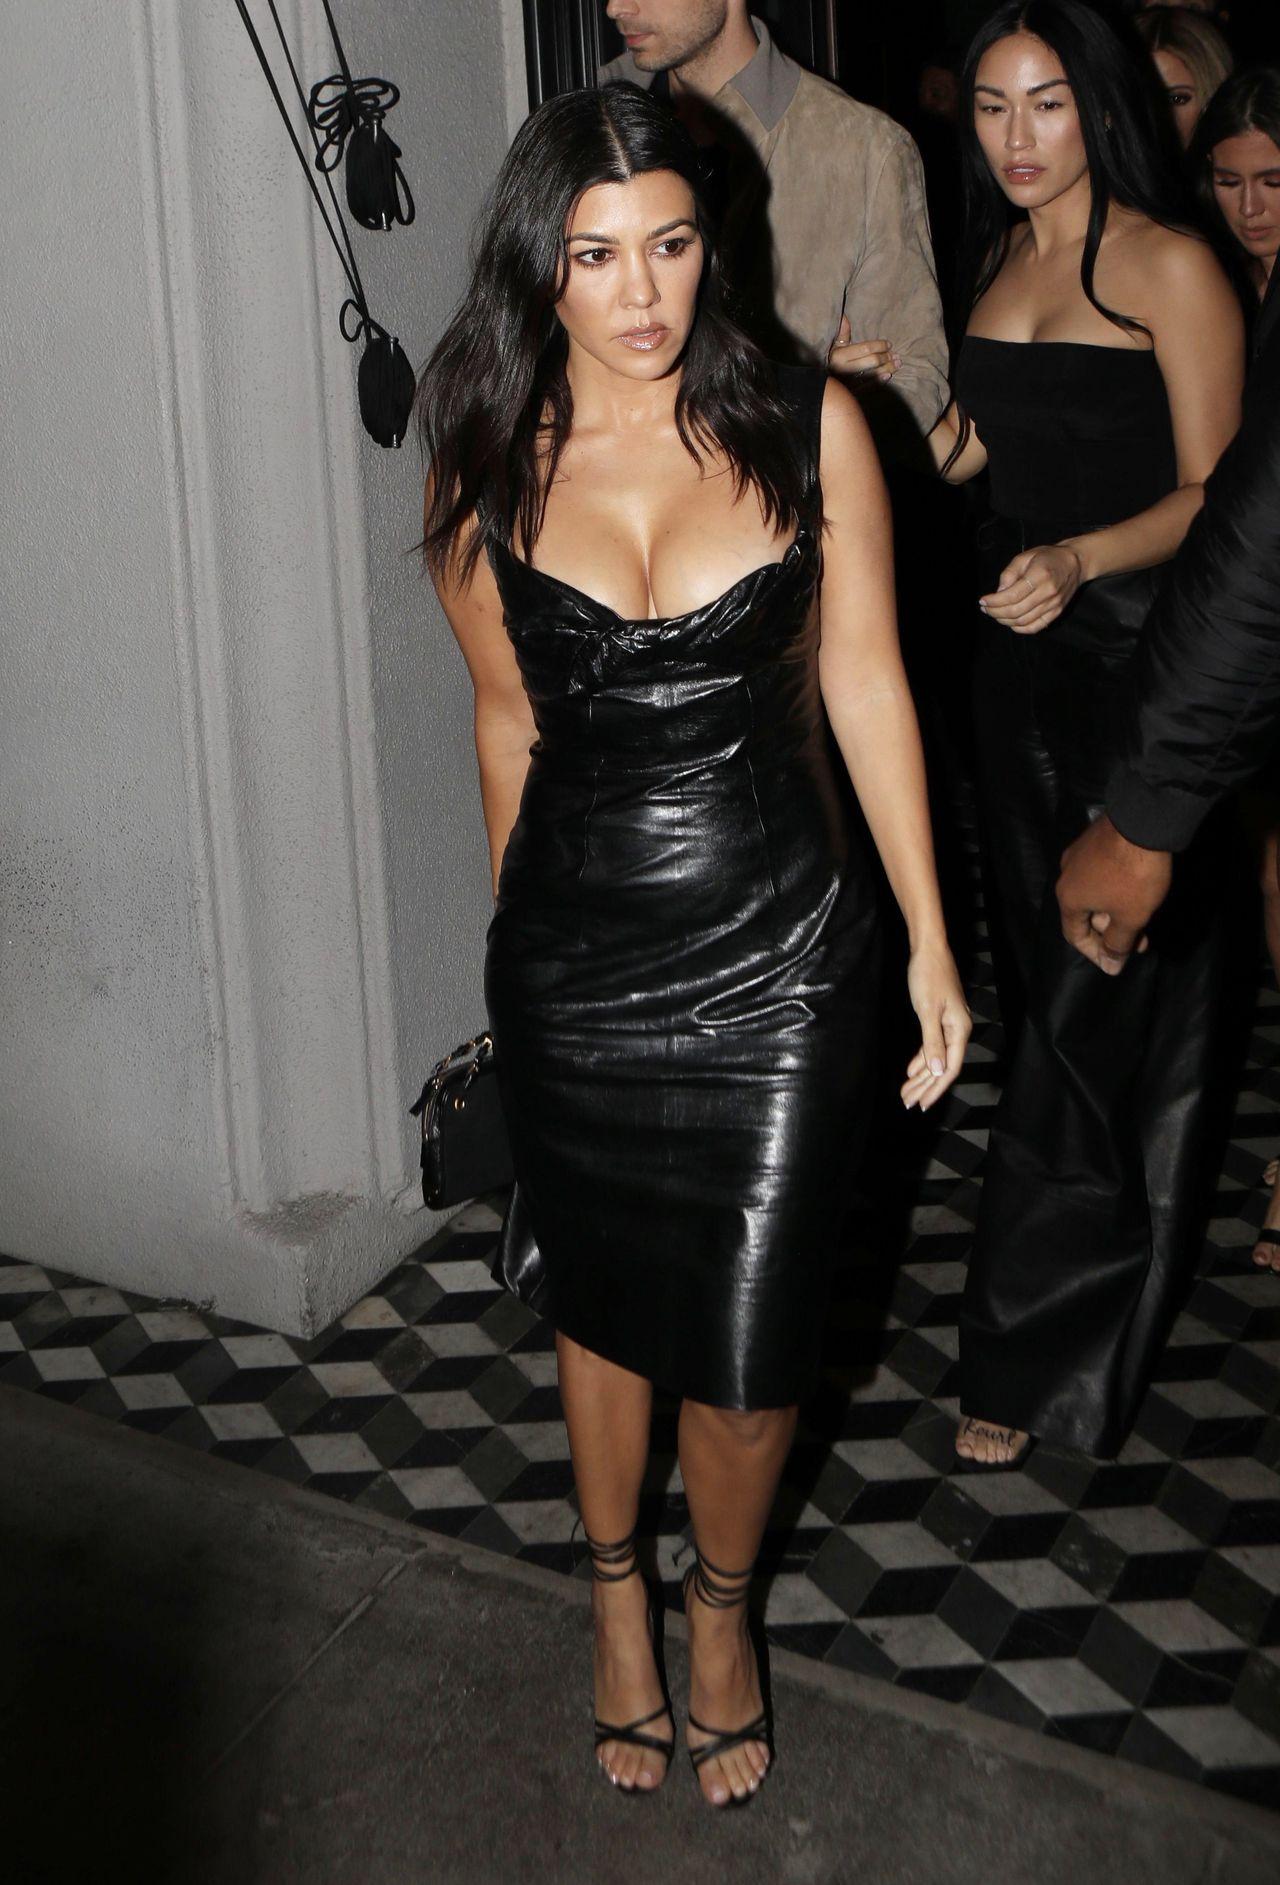 Kourtney Kardashian w seksownej, skórzanej sukience.